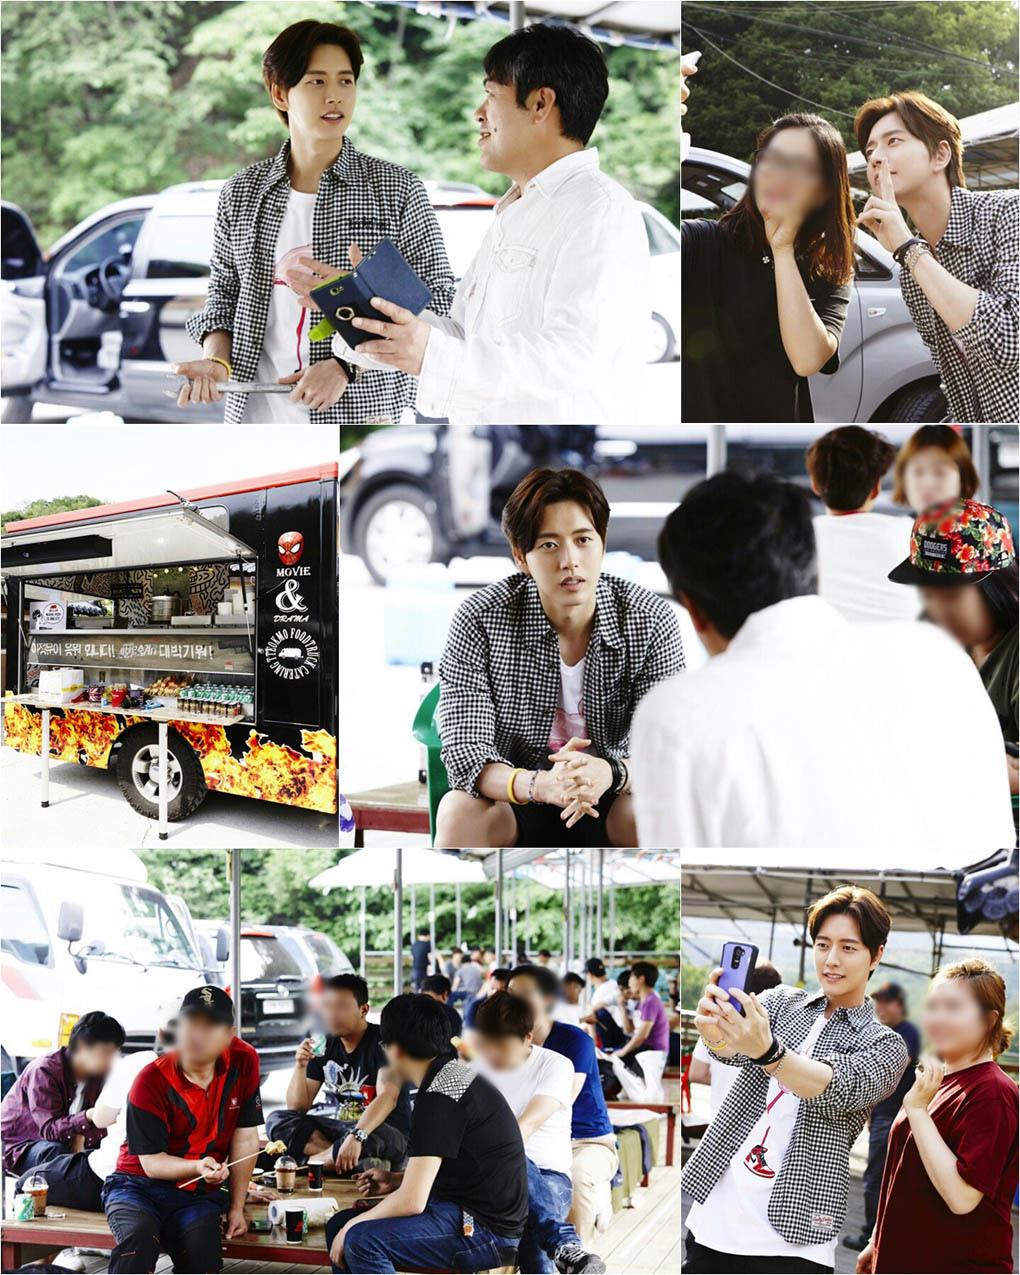 朴海鎮為《隱藏身份》劇組送100人份零食套餐